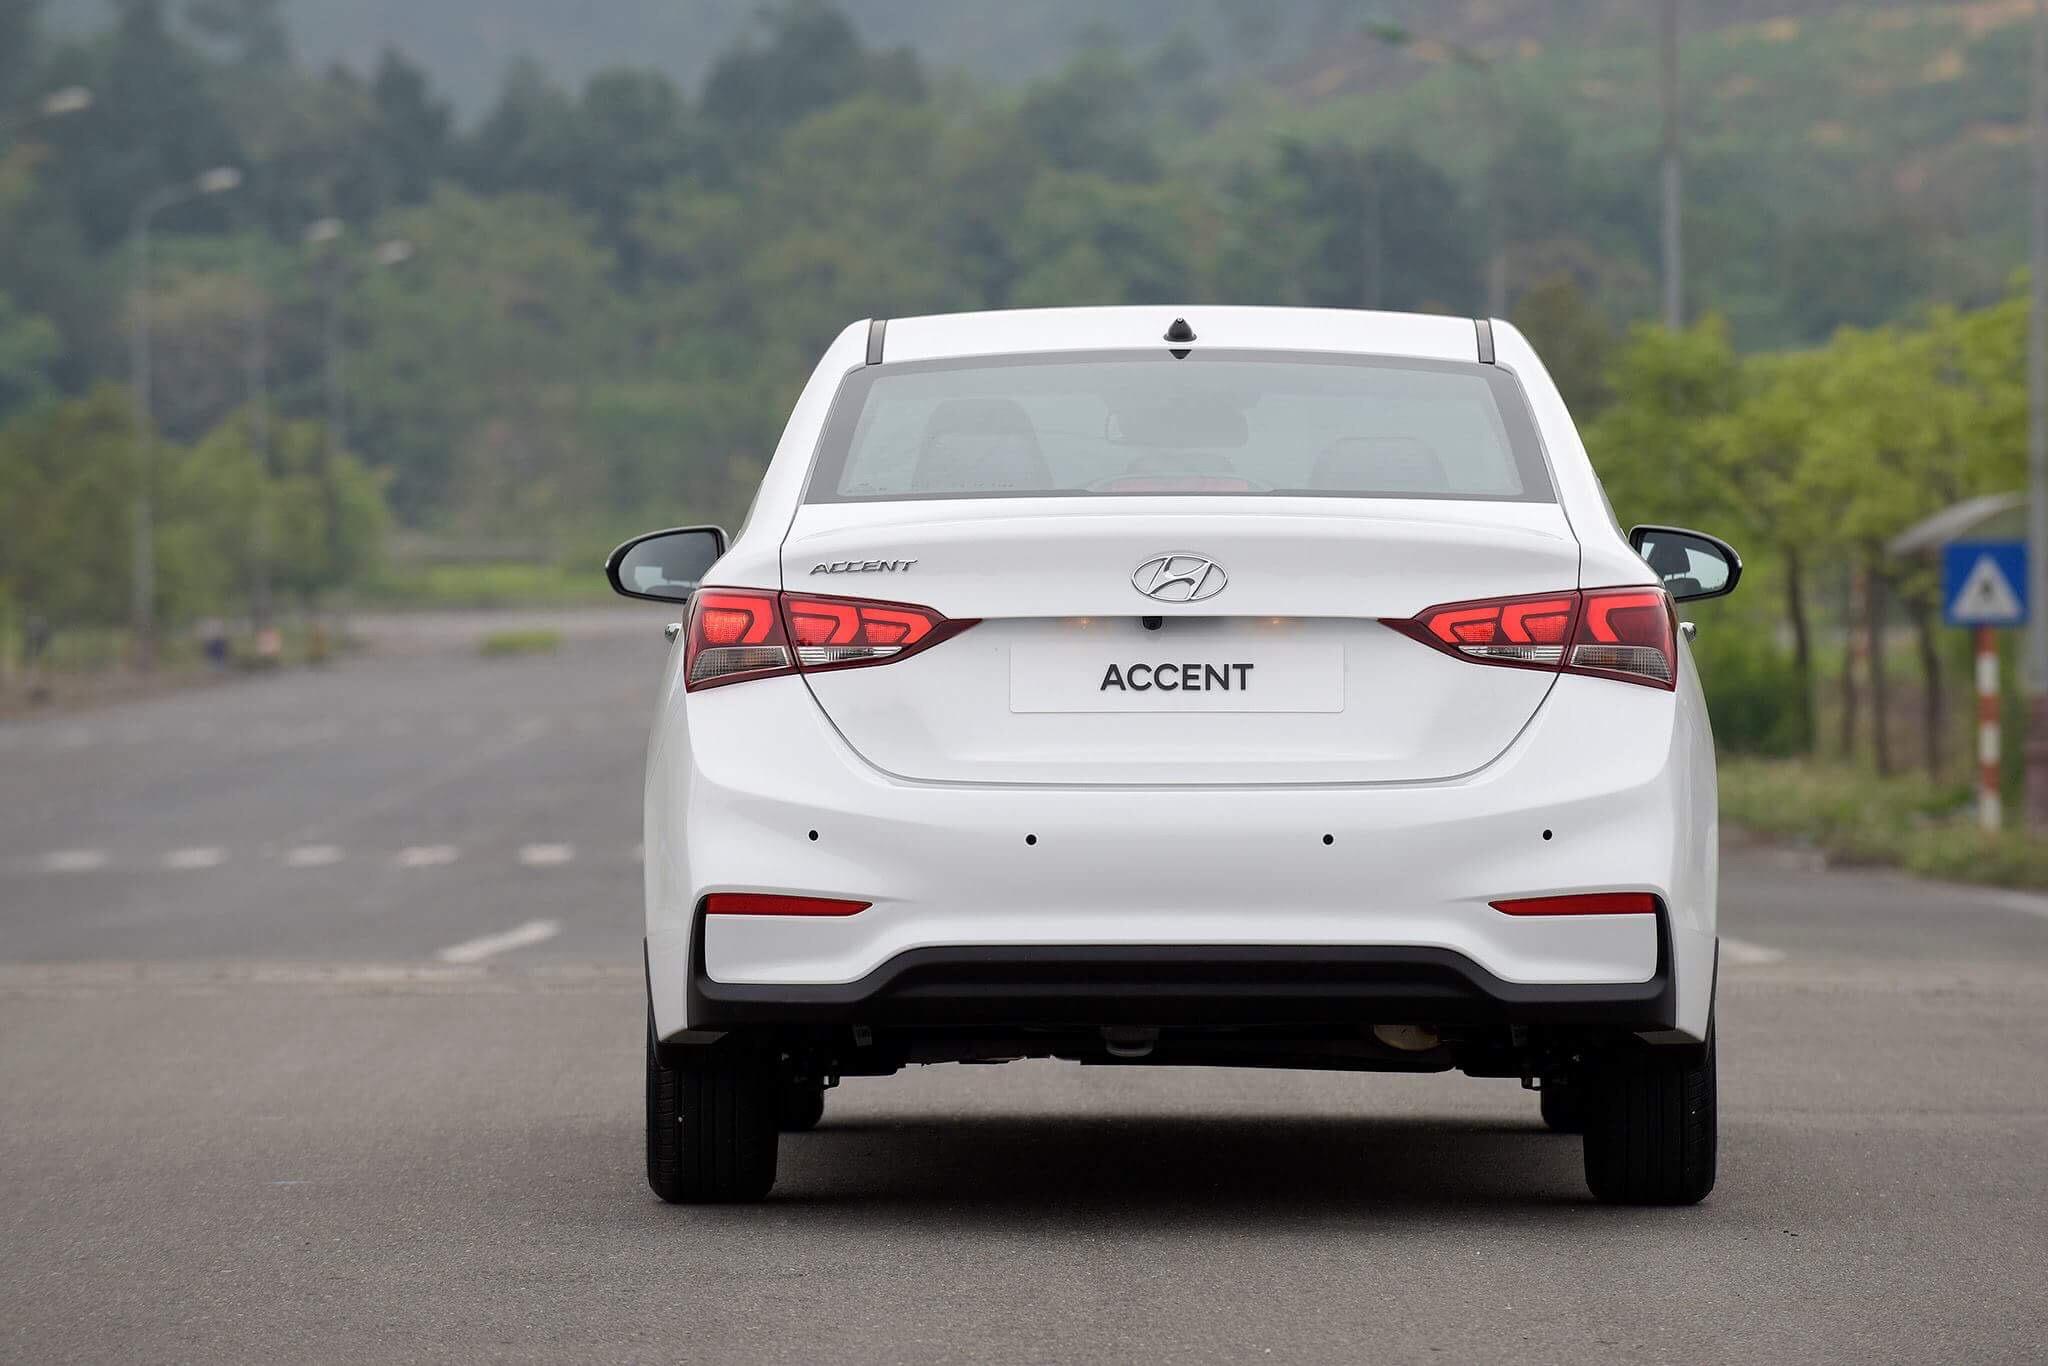 Hyundai accent anh 20 - Hyundai Accent mới: giá xe và khuyến mãi tháng [hienthithang]/[hienthinam]